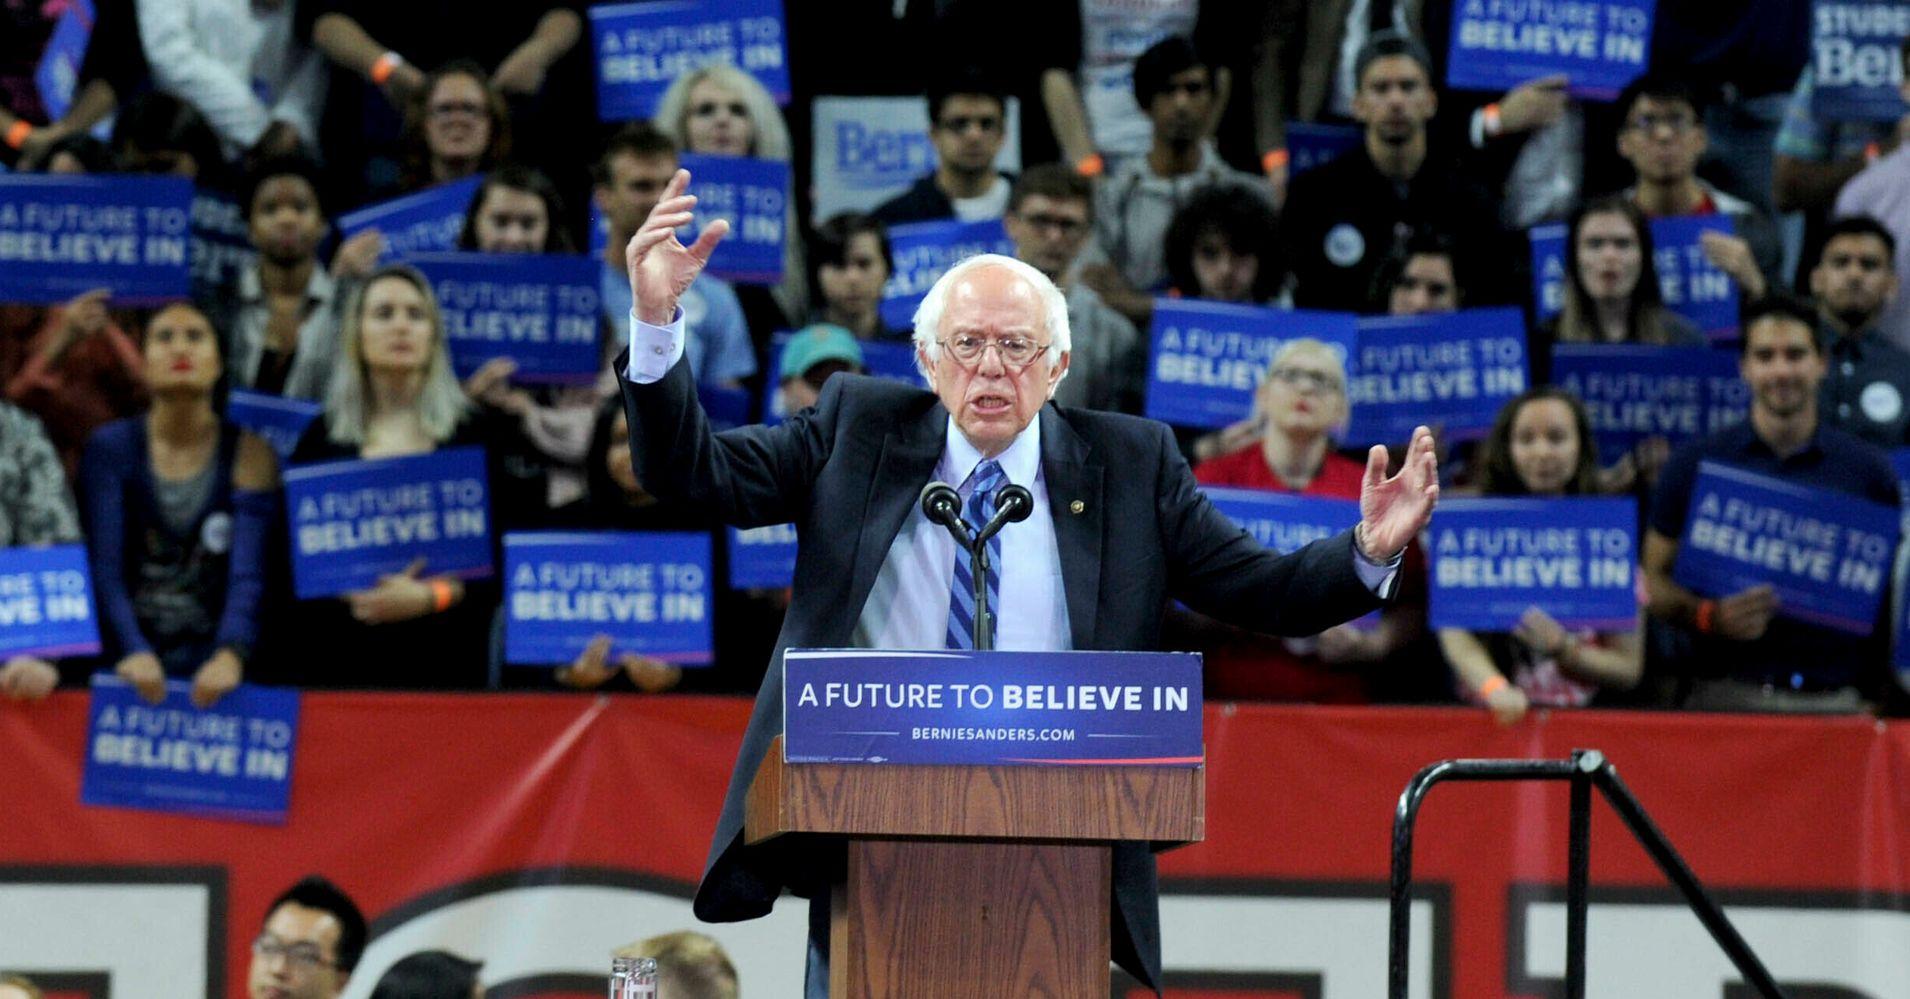 Bernie Sanders Raises $4 Million In First 12 Hours Of Presidential Bid